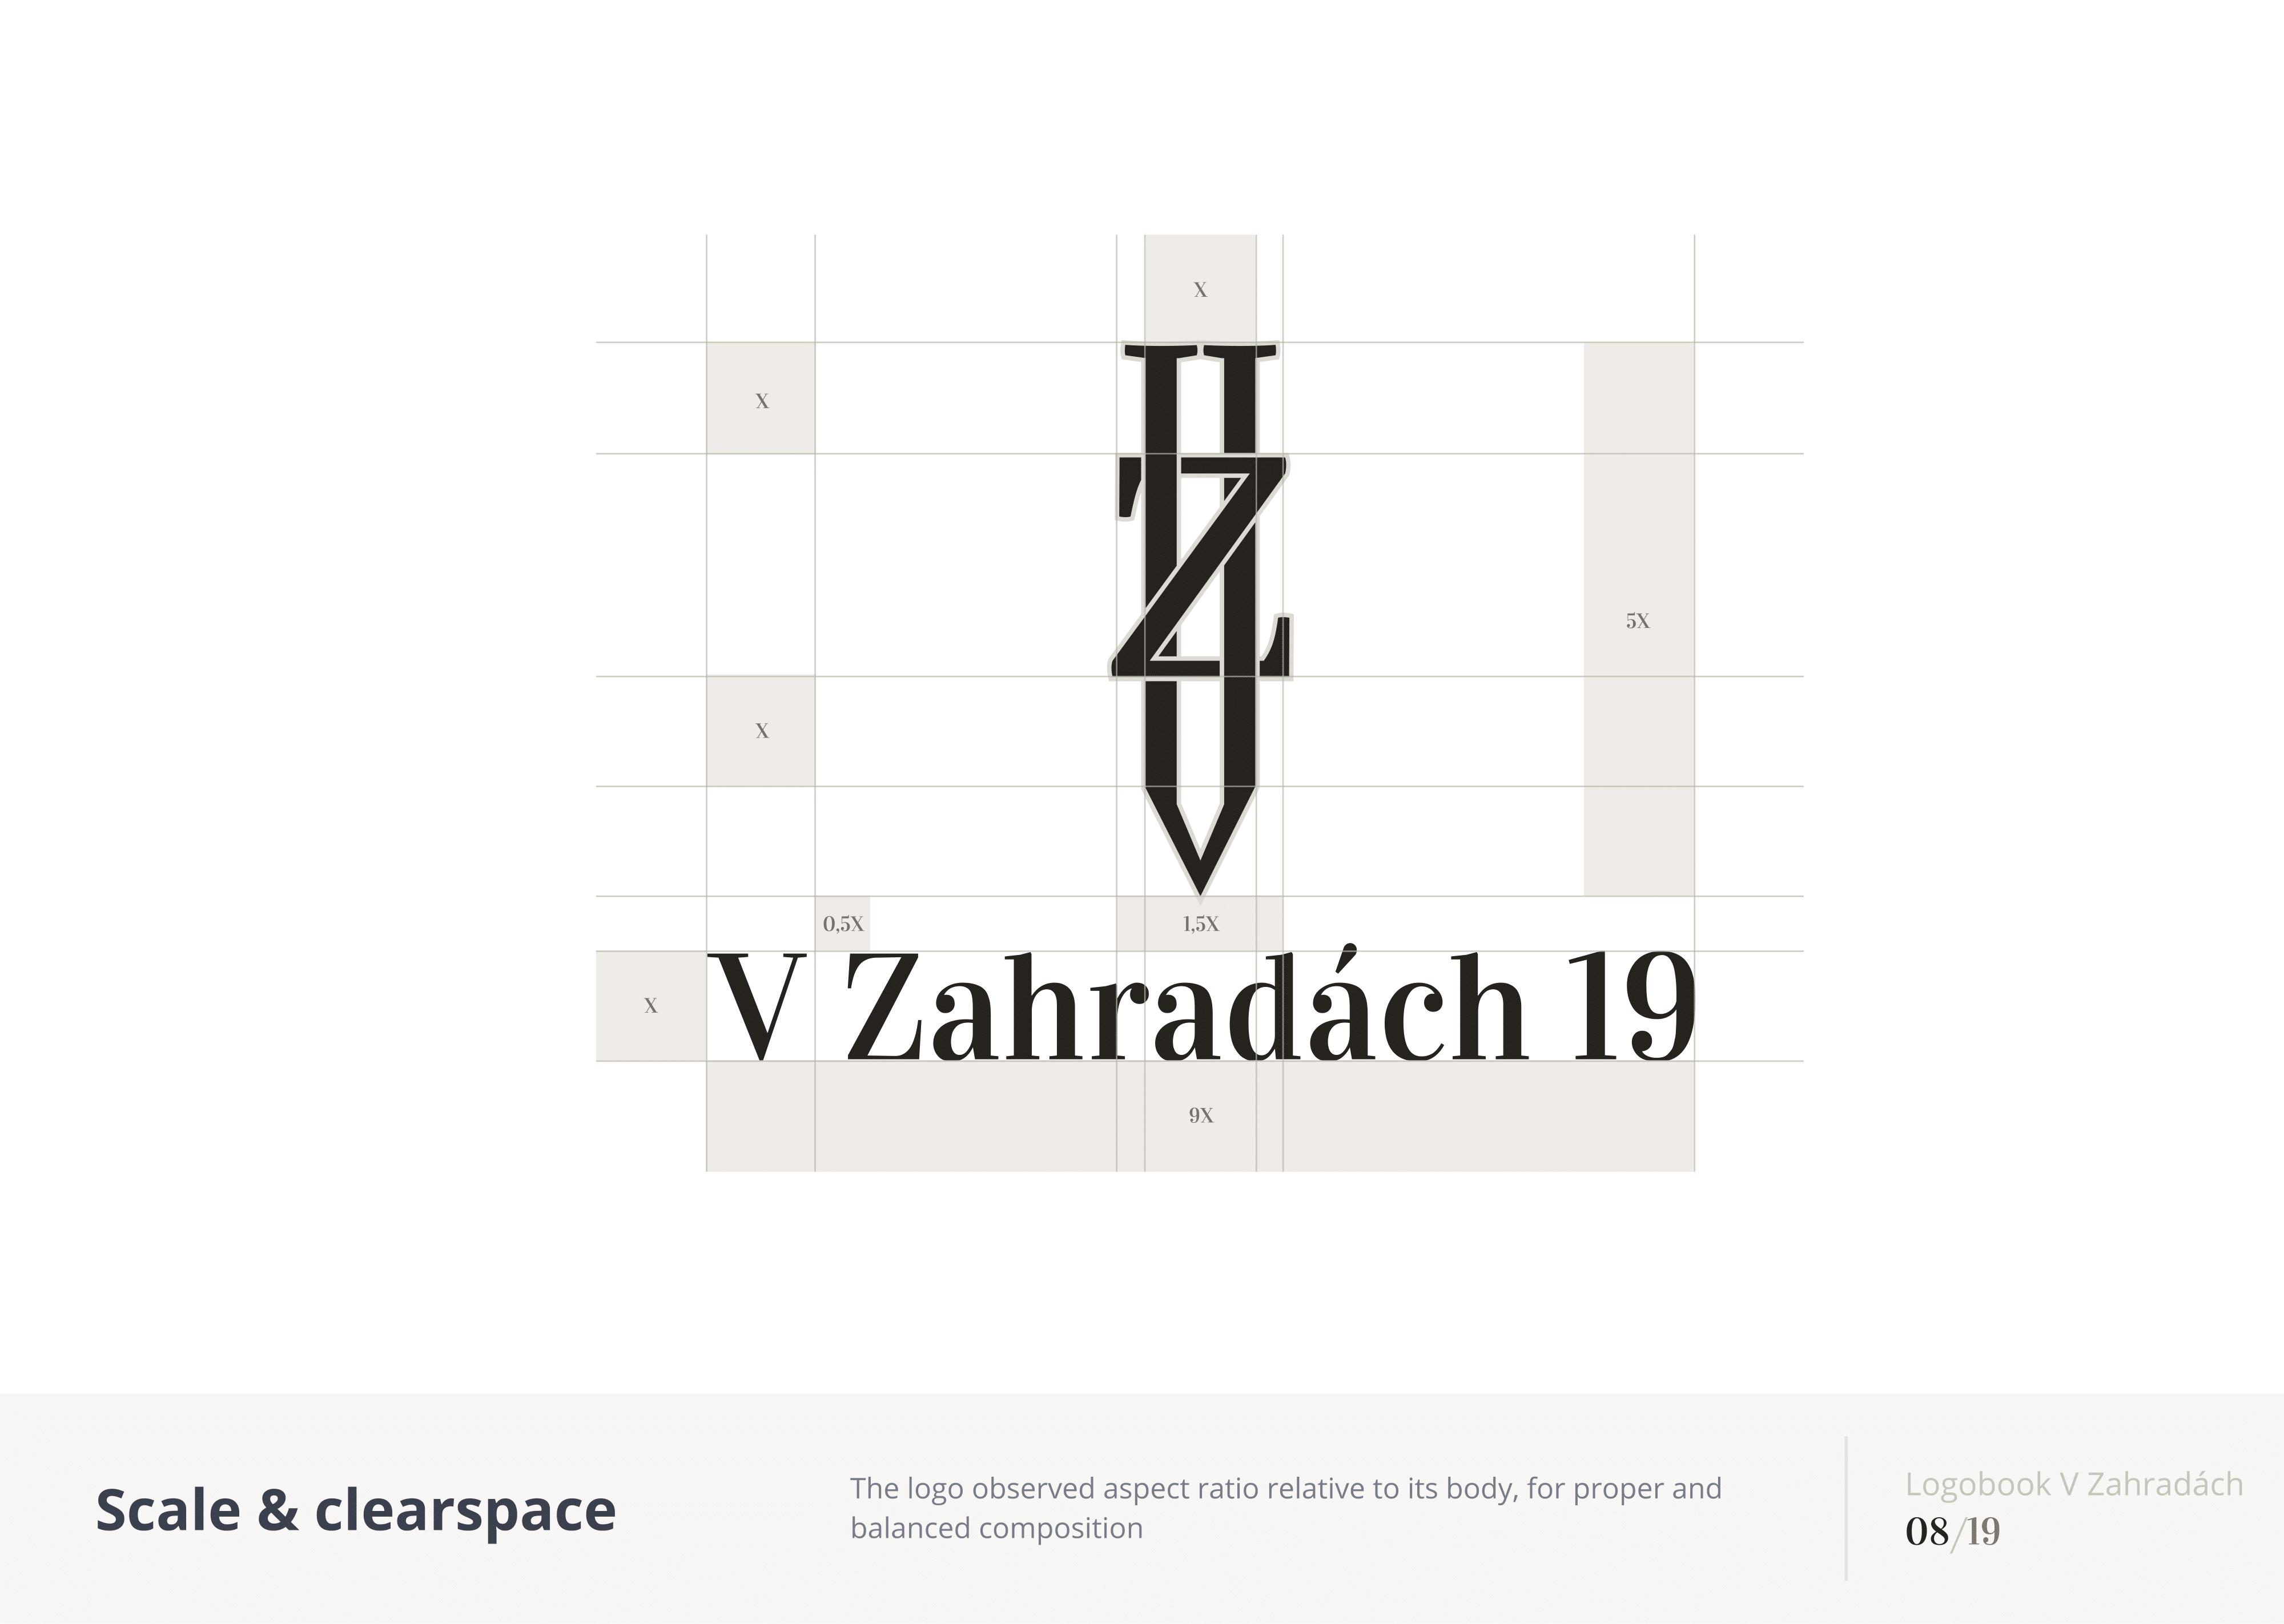 V_Zahradach_19_(Logobook)_2021-08